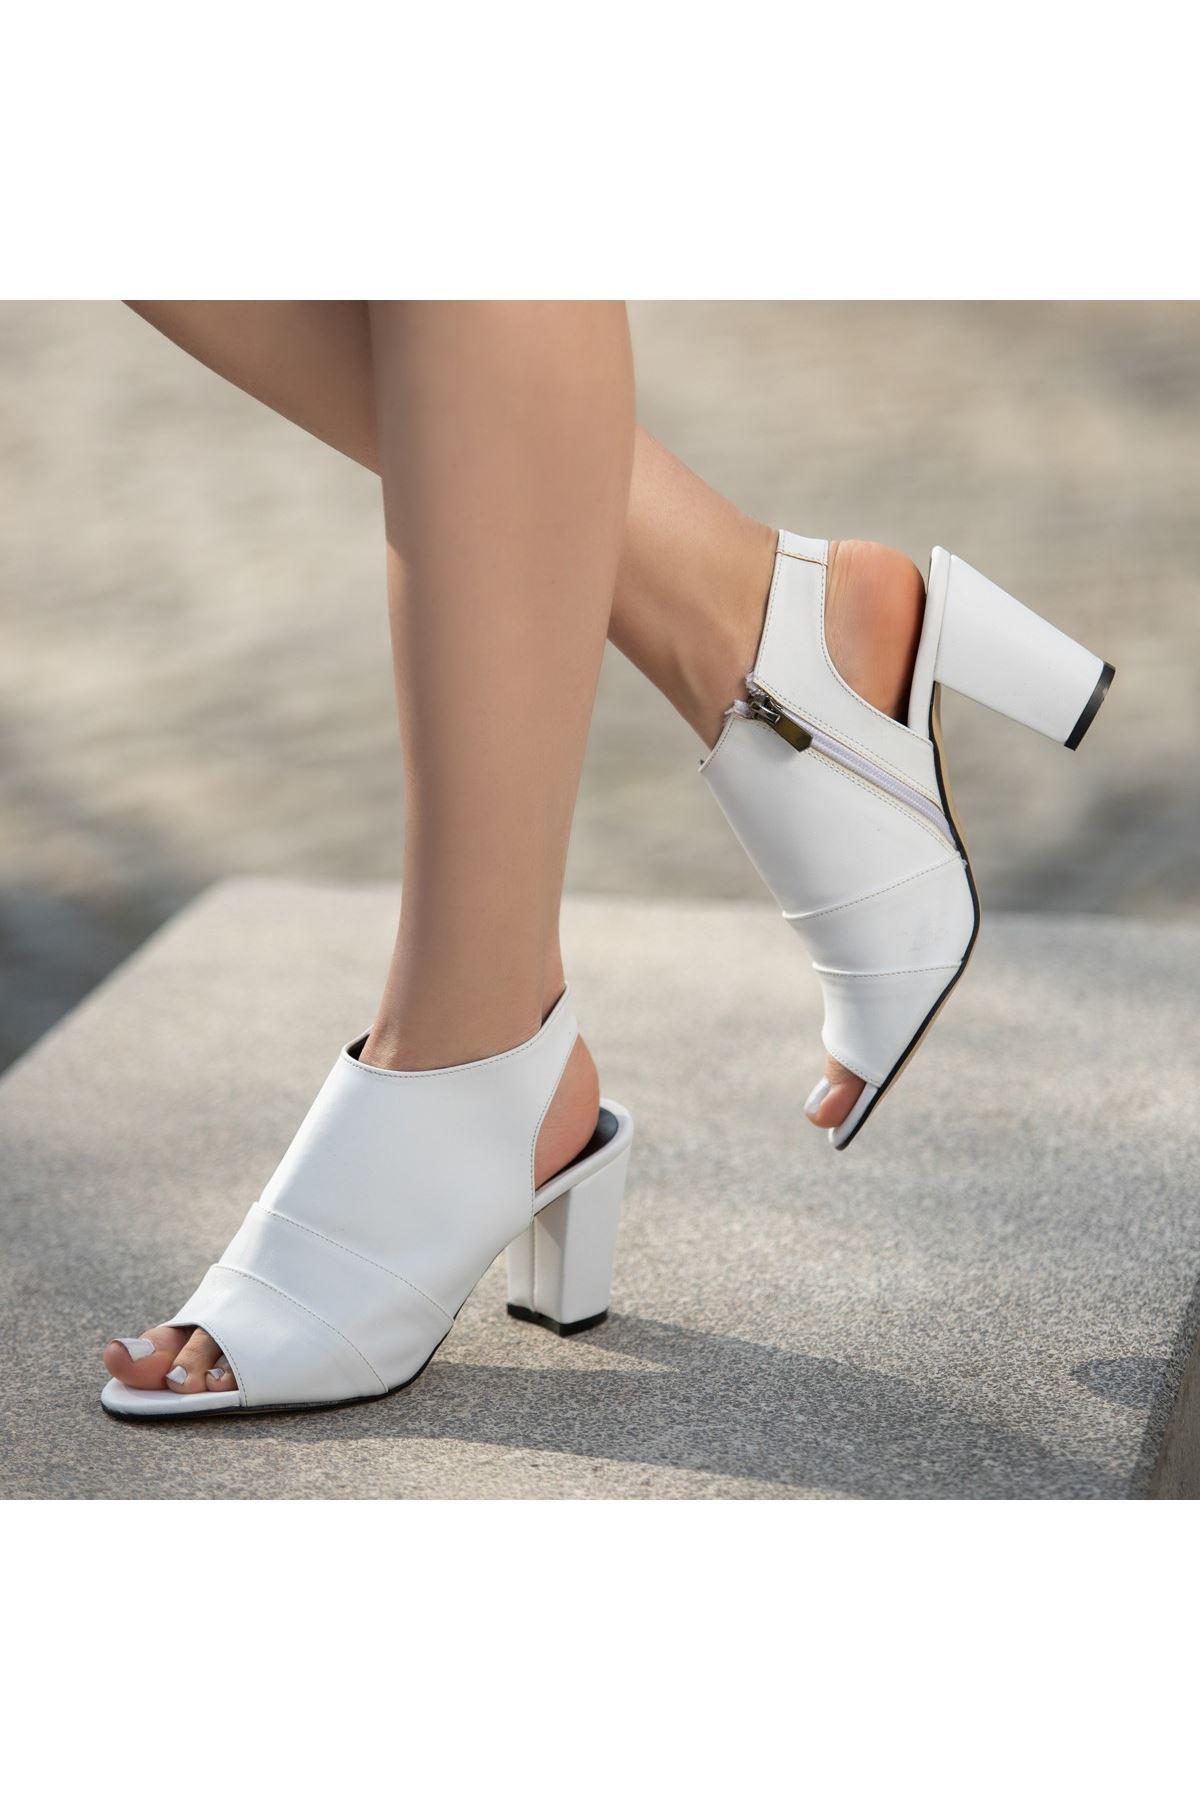 Dolly Beyaz Cilt Topuklu Ayakkabı